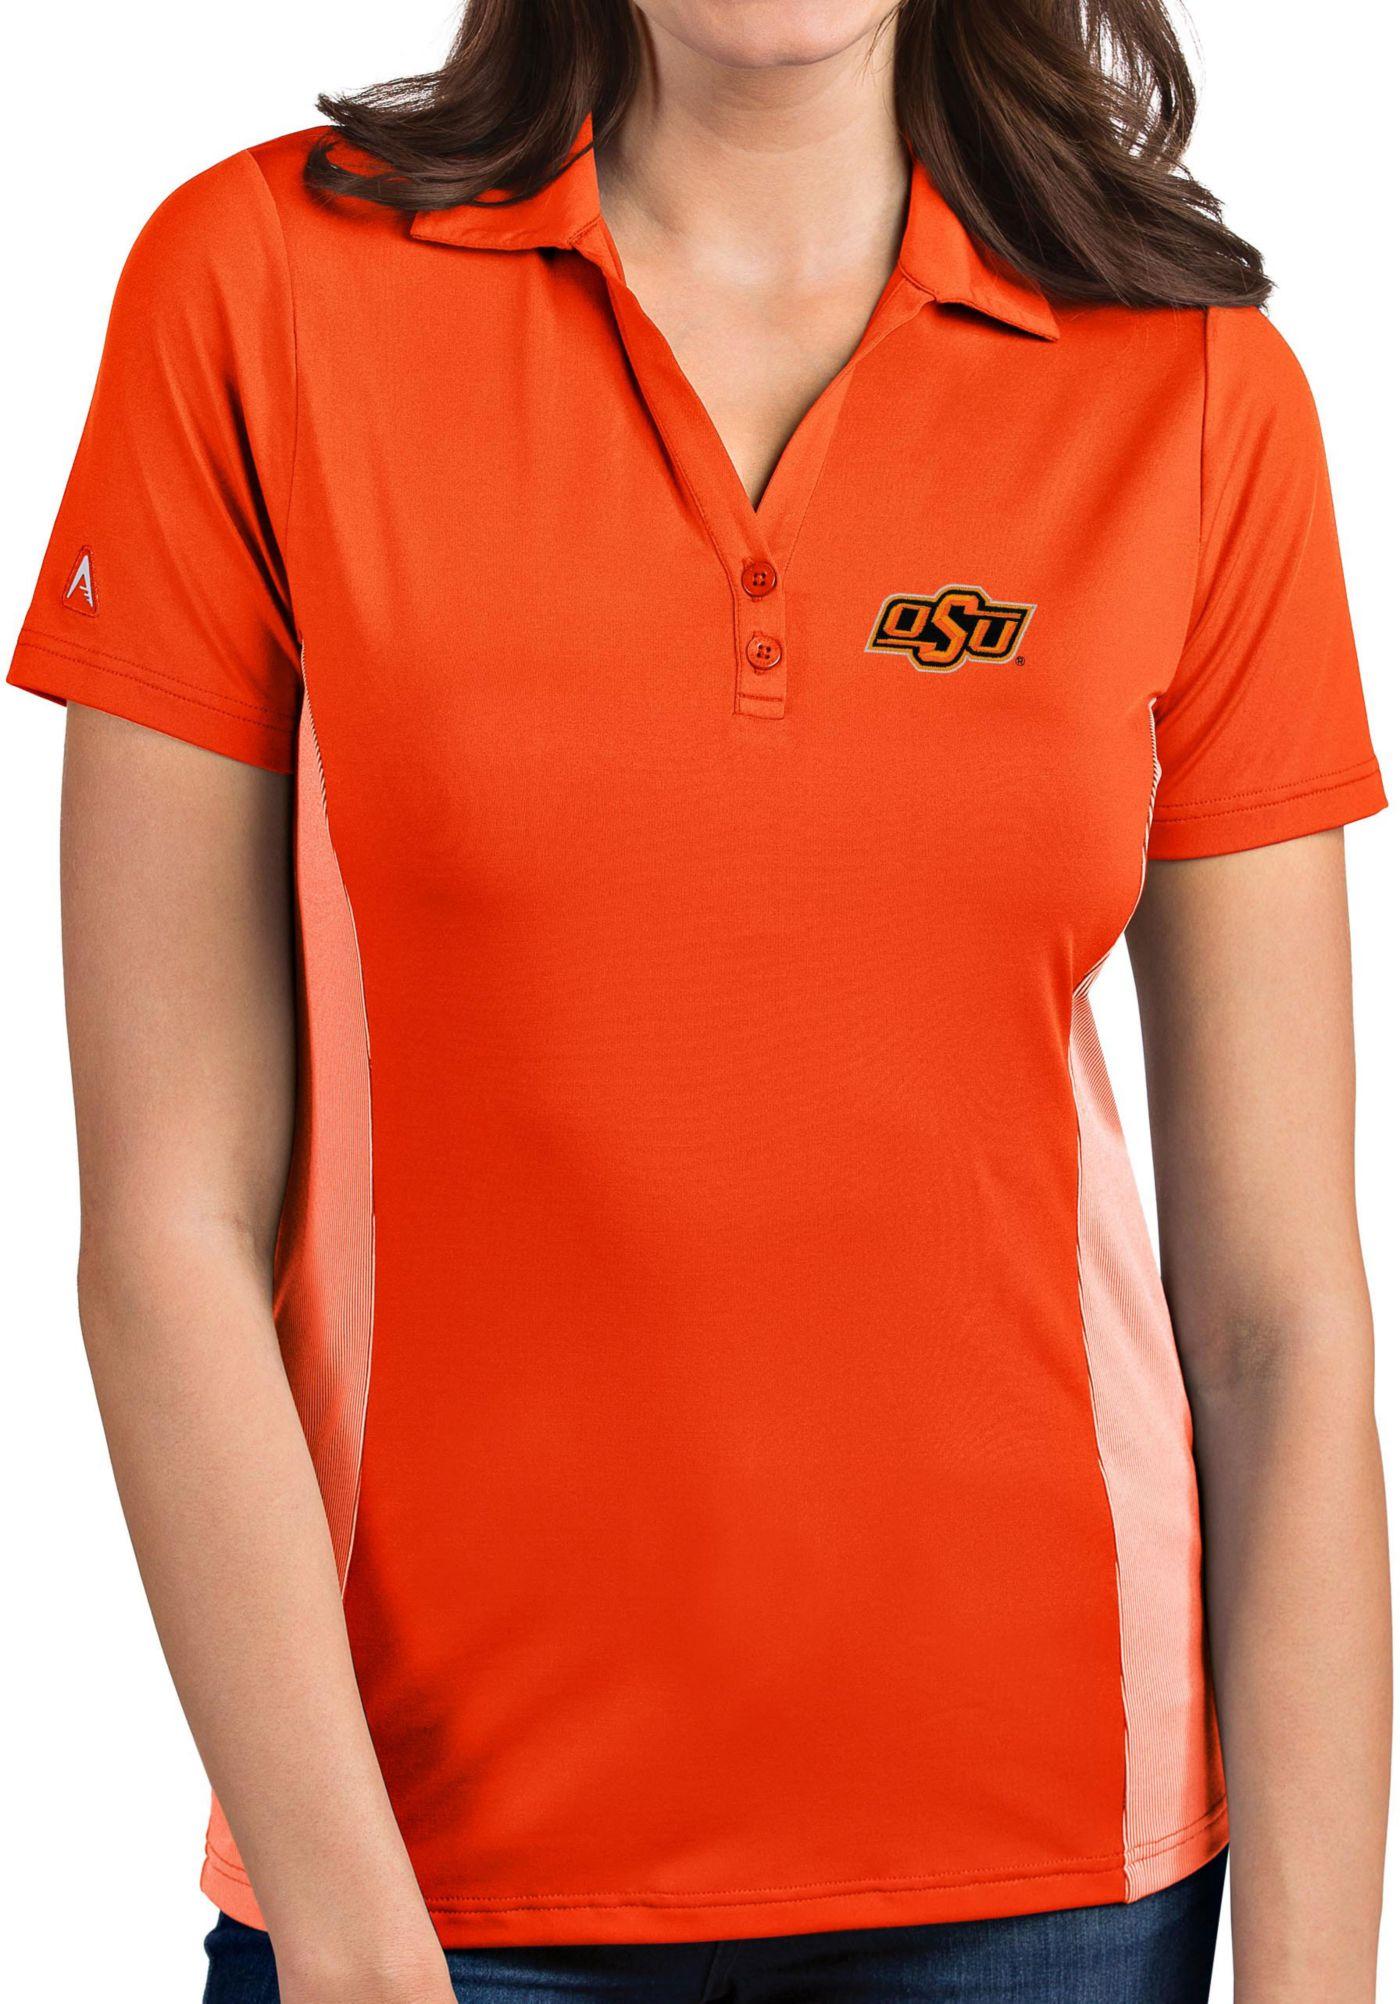 Antigua Women's Oklahoma State Cowboys Orange Venture Polo